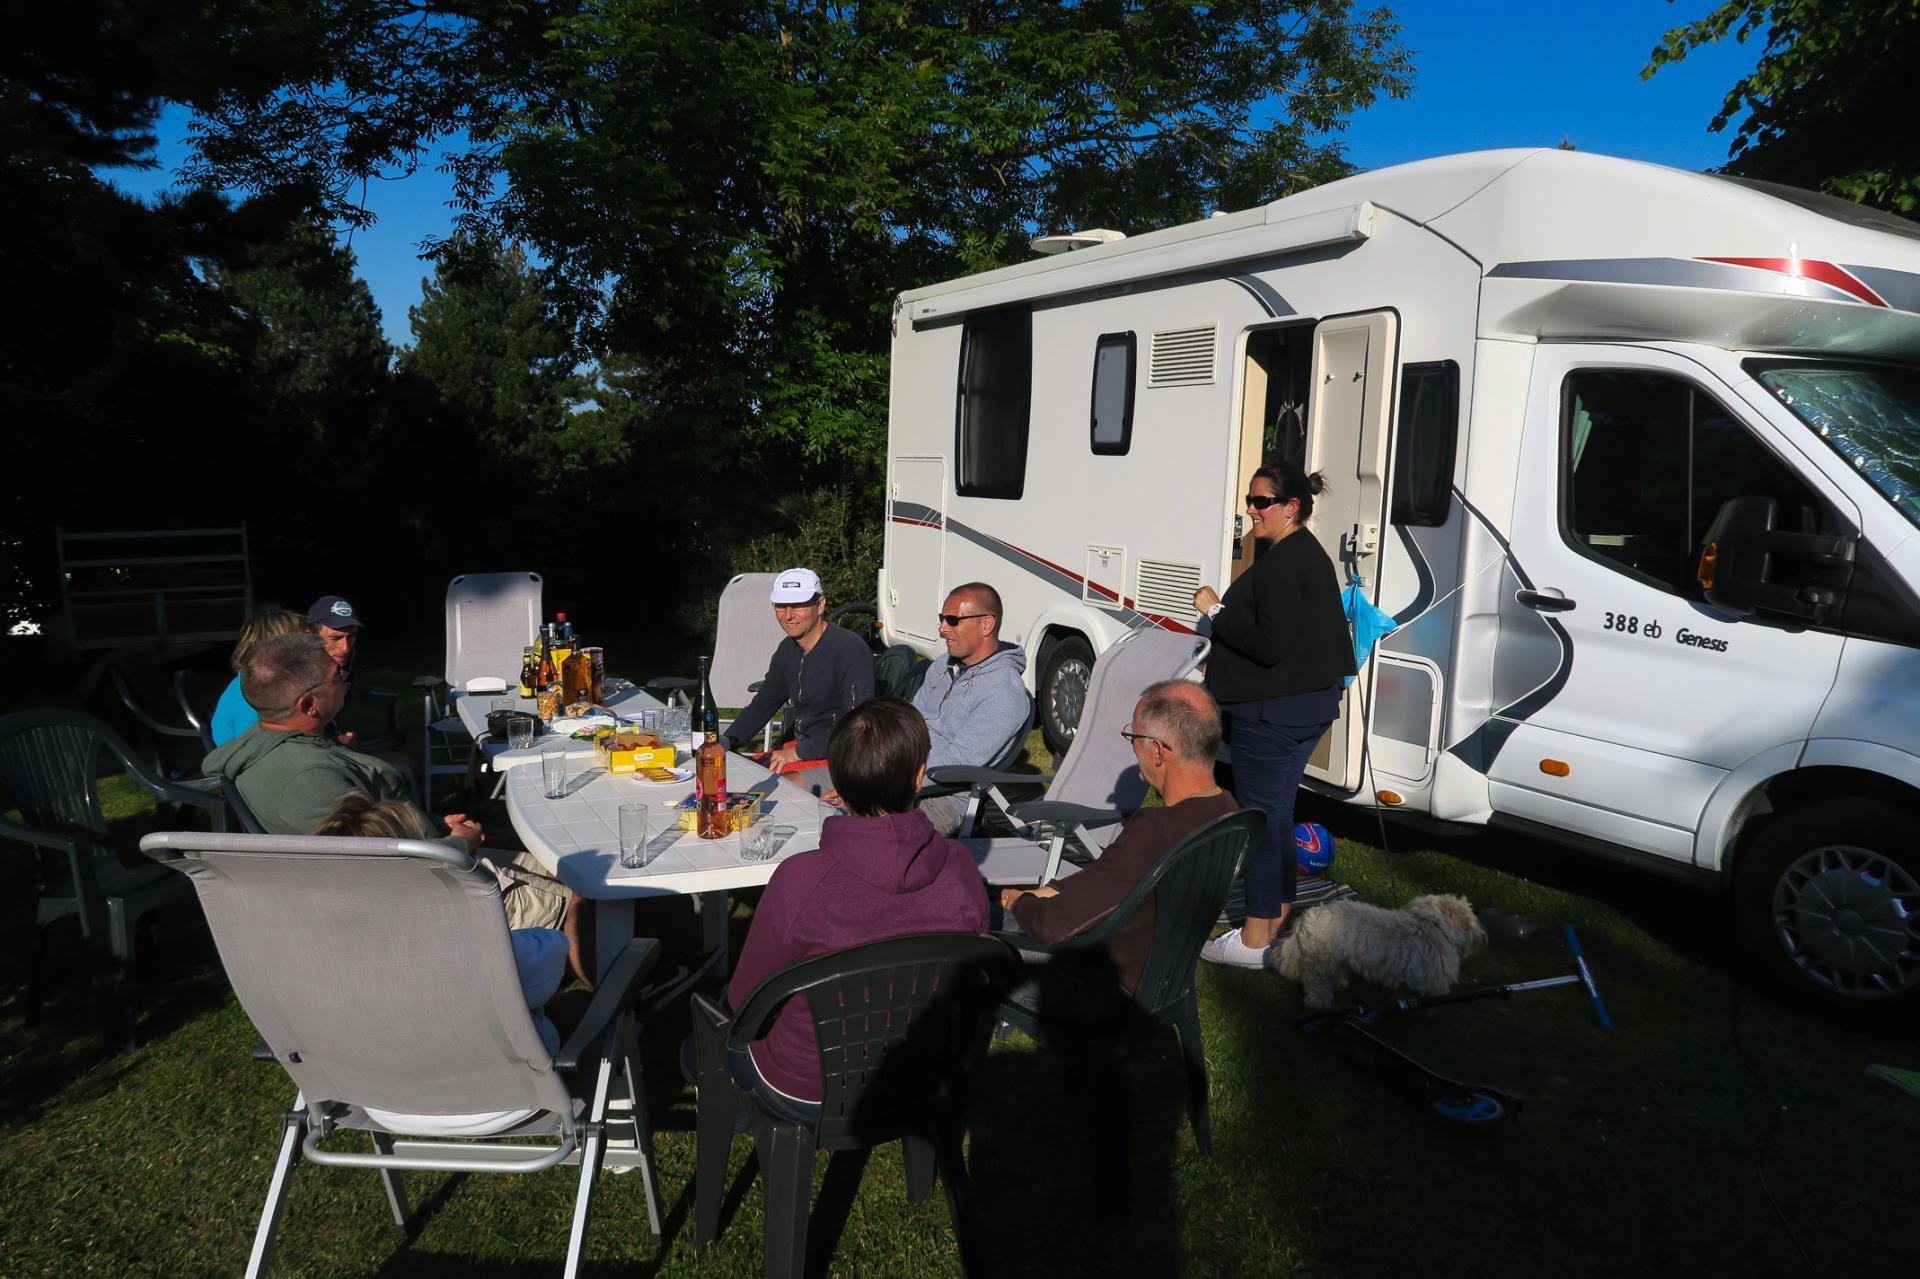 2018_05_19 Week-end famille VTT à St Alban-2